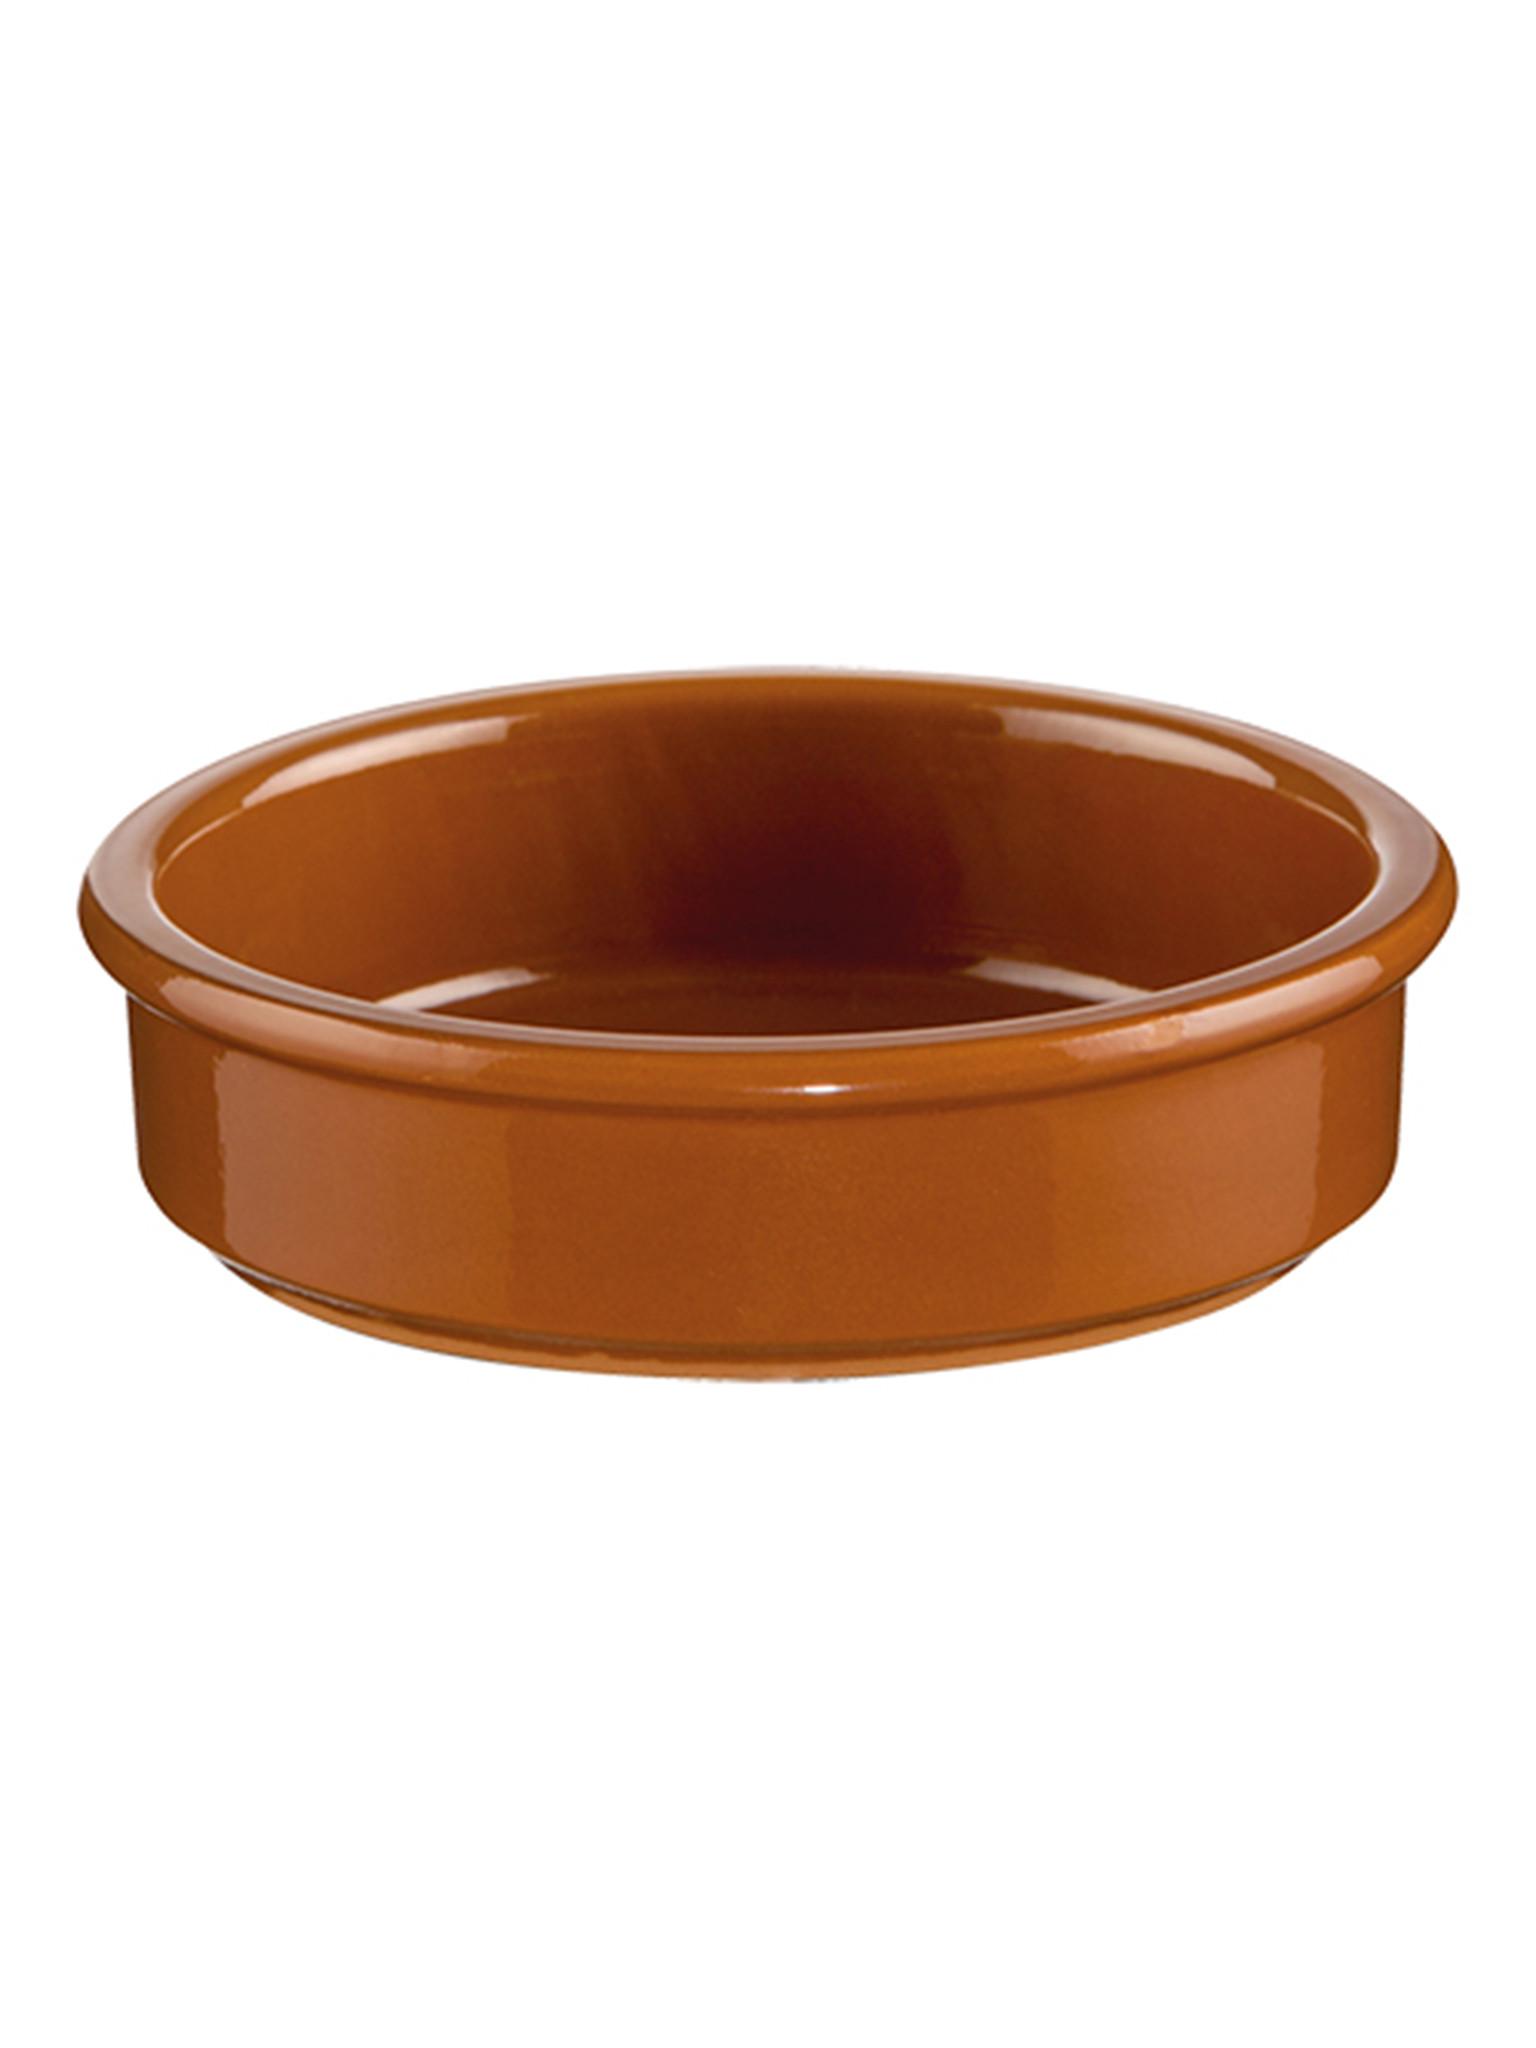 Cocotte - Terracotta - Ø 11.5 CM - 540101